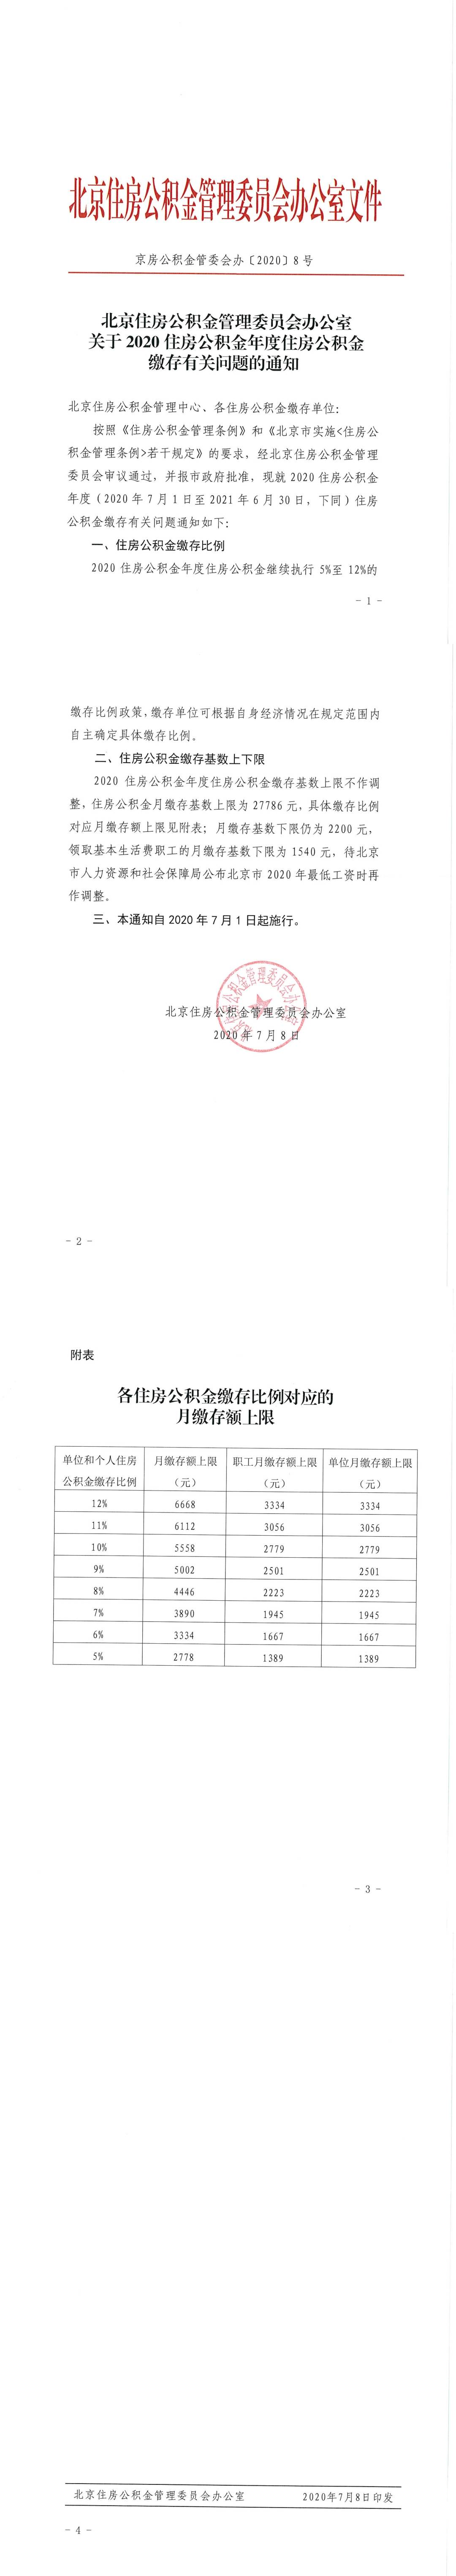 北京2020新万博app官网年度缴存基数上限公布